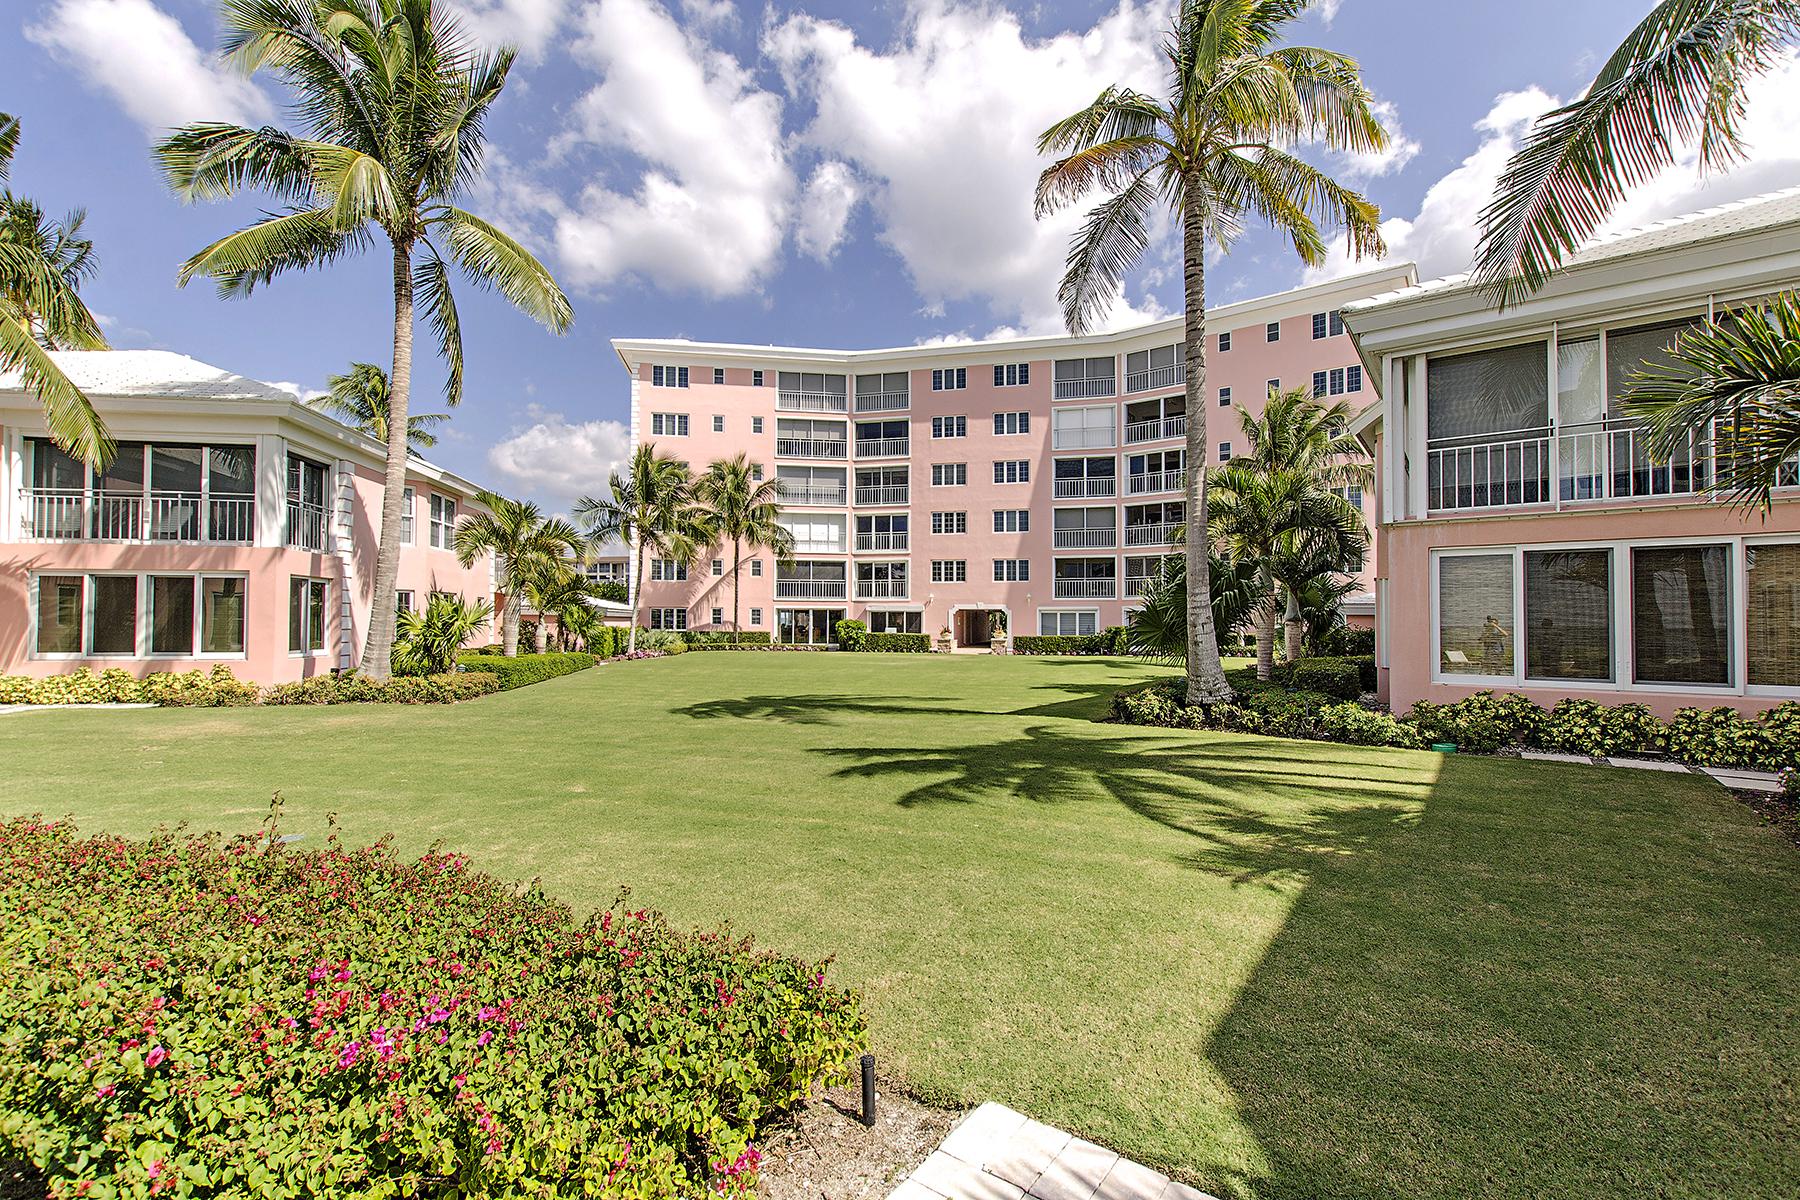 コンドミニアム のために 売買 アット THE MOORINGS - SHORES OF NAPLES 2401 Gulf Shore Blvd N 44 Naples, フロリダ 34103 アメリカ合衆国